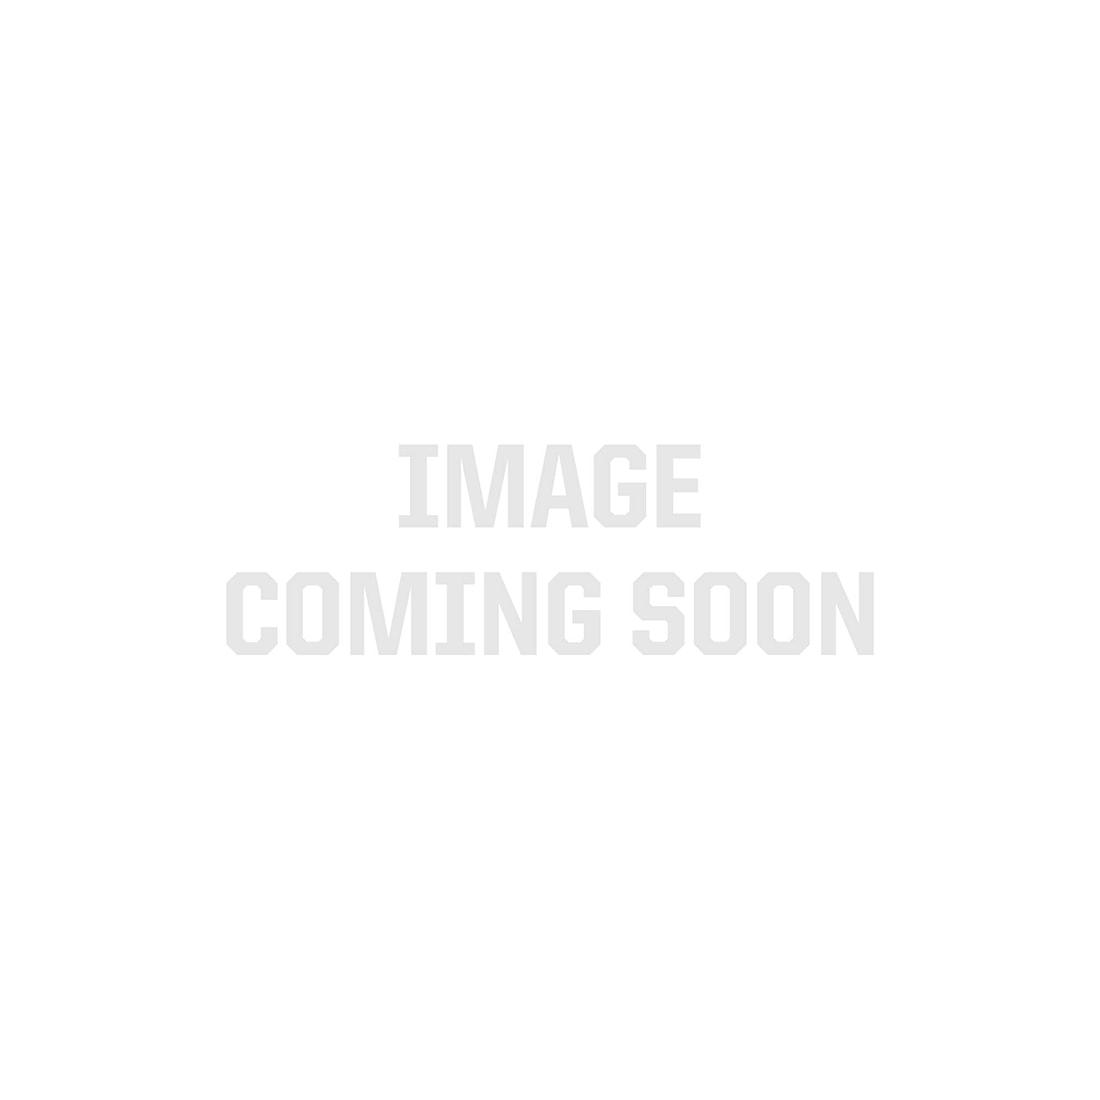 Madrix Key basic V3.x (16 DMX universes)